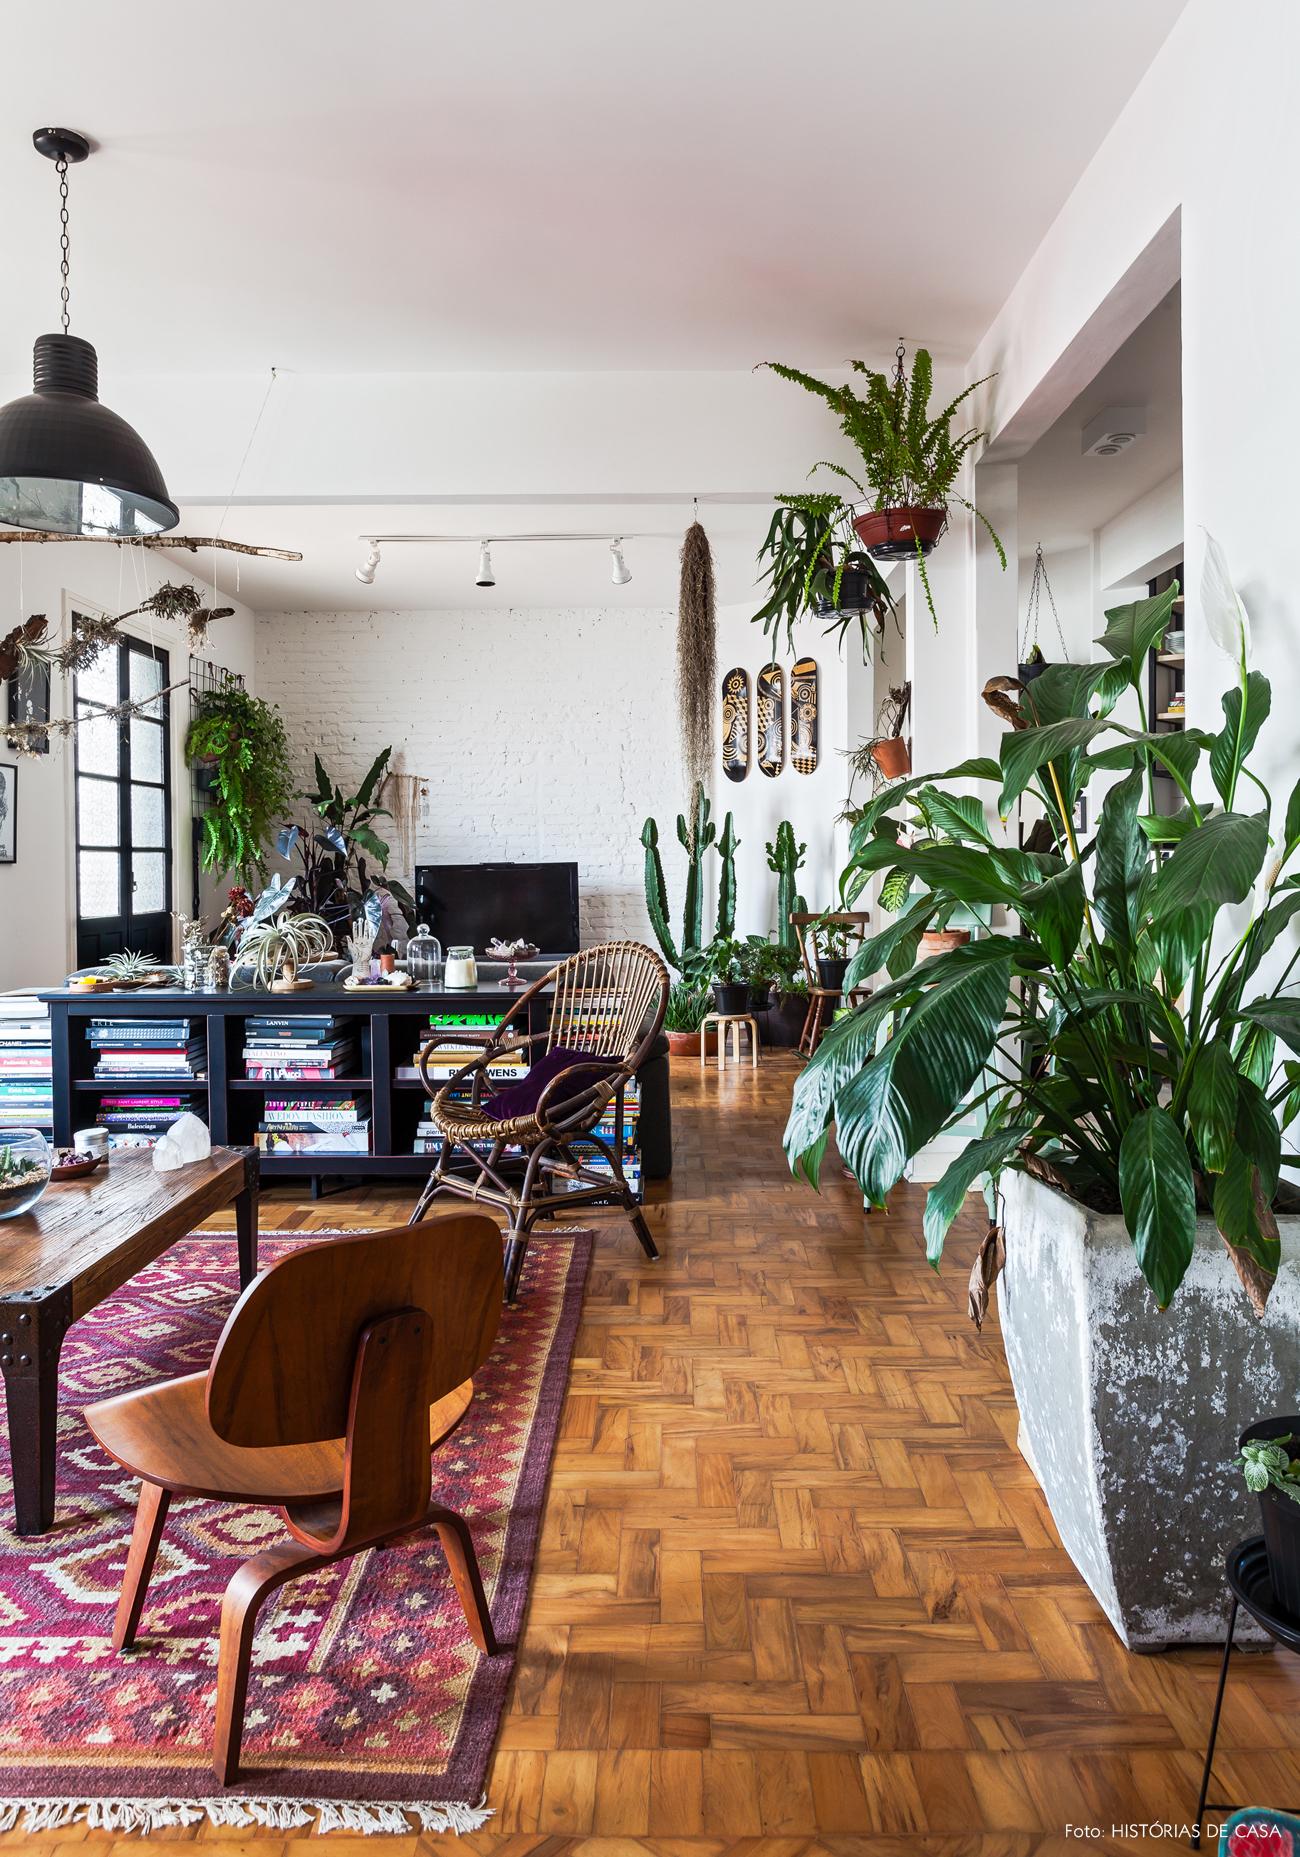 09-decoracao-apartamento-sala-integrada-estilo-industrial-plantas